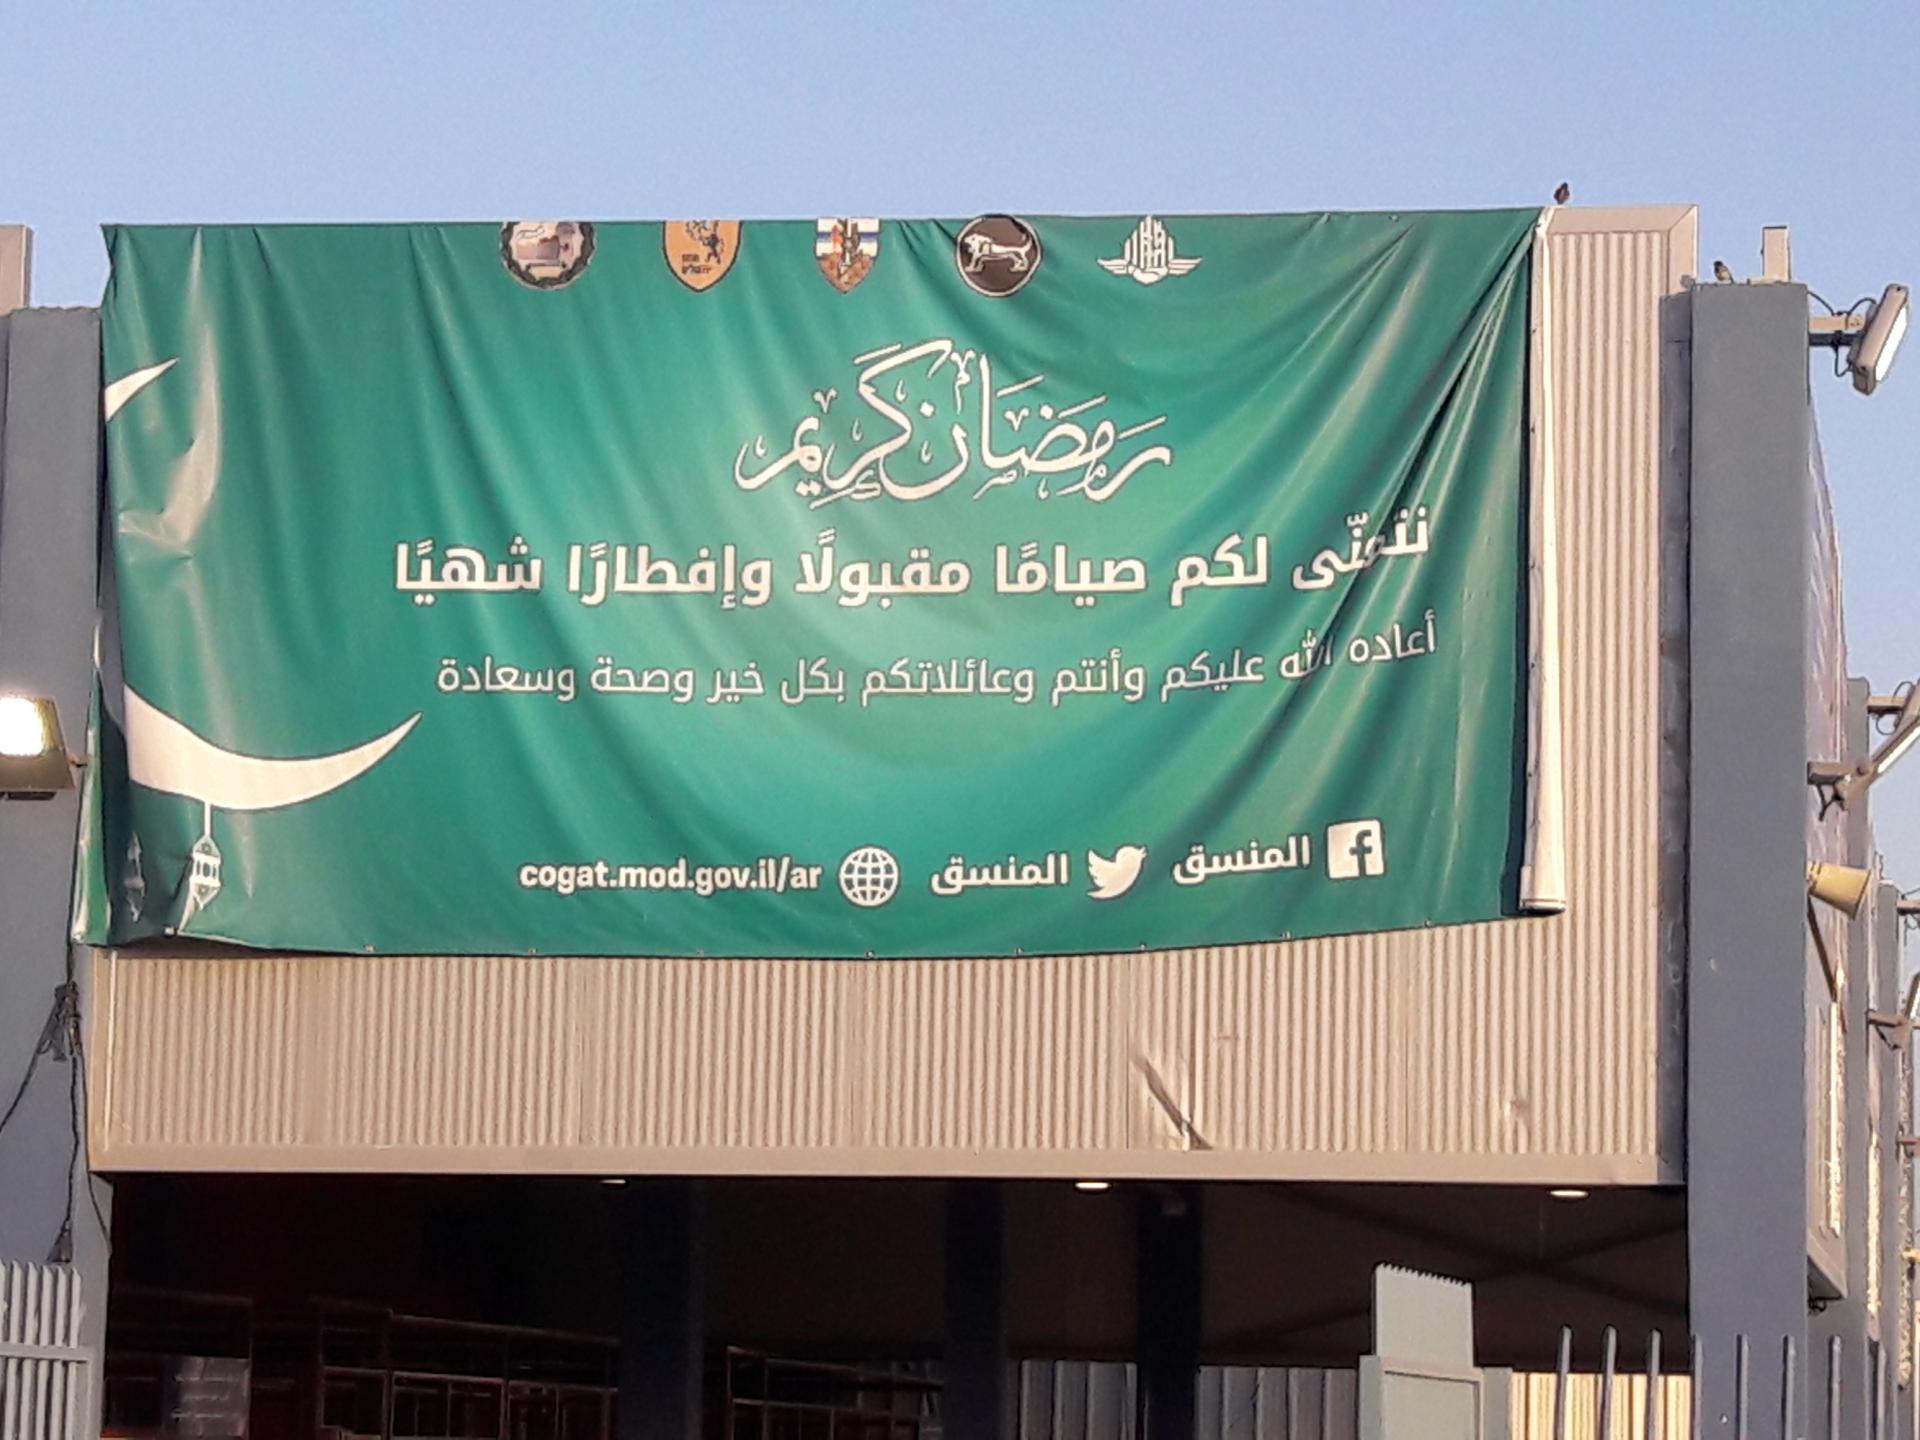 שלט ברכה לרמדאן על הכניסה למחסום החדש